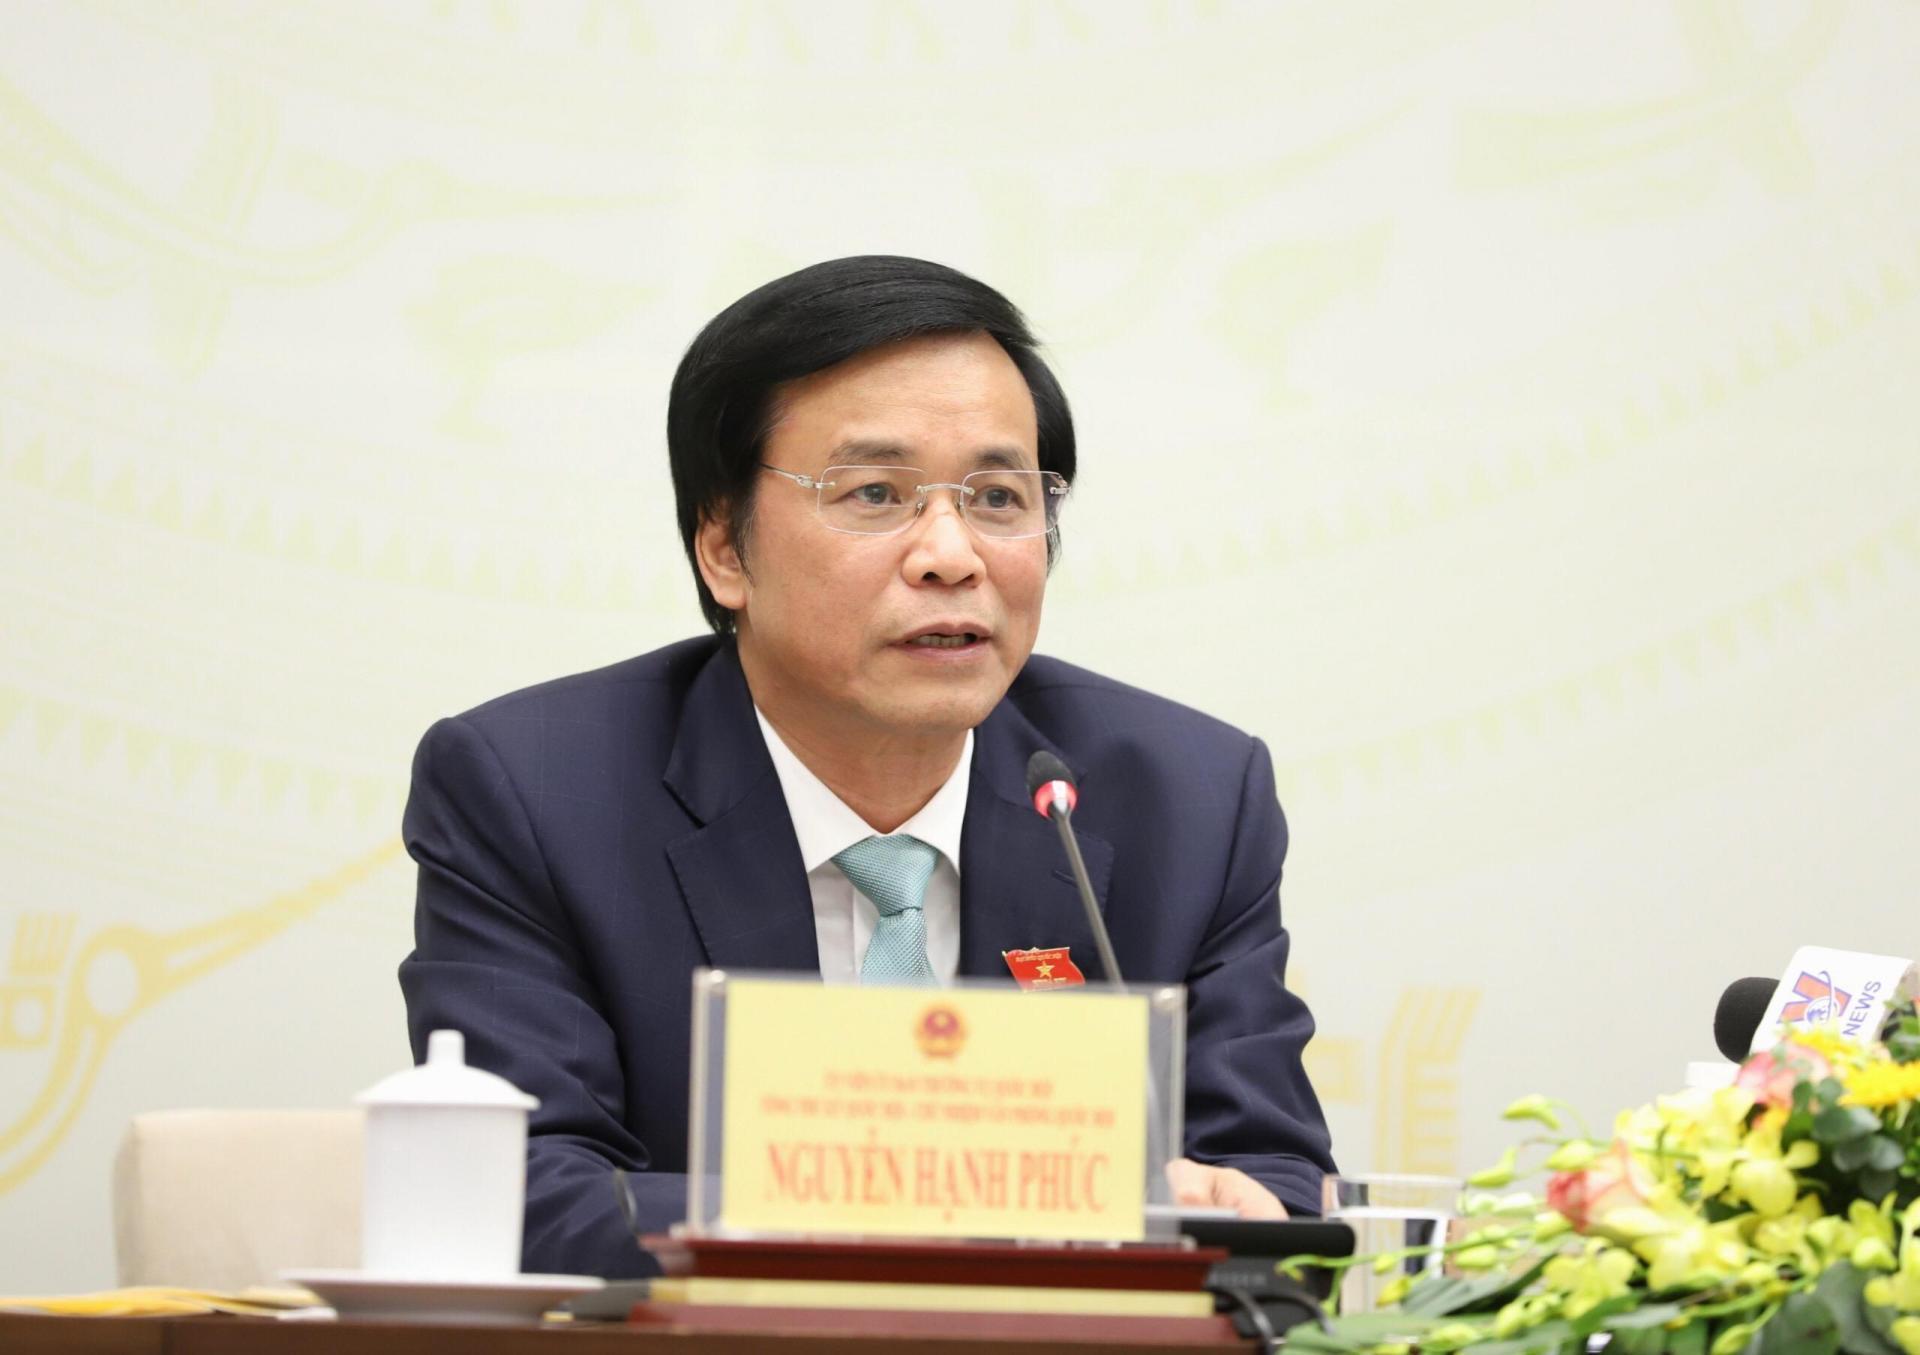 Tổng Thư ký Quốc hội, Chủ nhiệm Văn phòng Quốc hội Nguyễn Hạnh Phúc thông tin về dự kiến chương trình kỳ họp thứ 10, Quốc hội khóa XIV